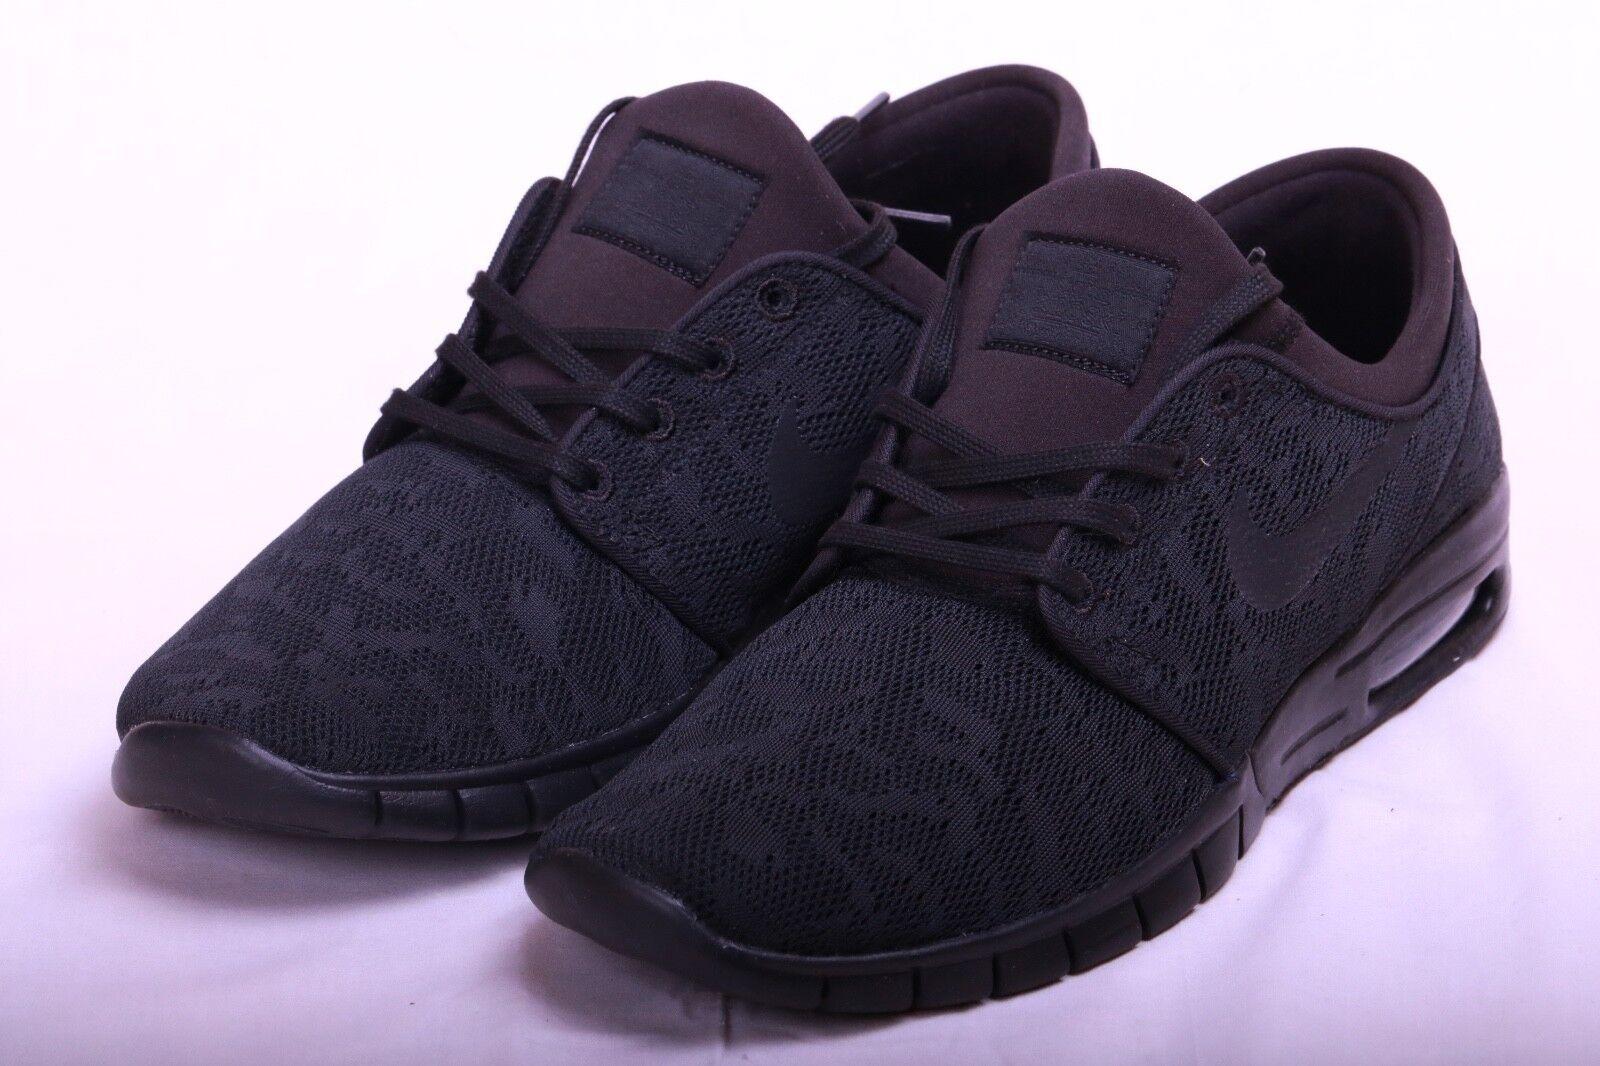 Nike SB Stefan 099 Janoski Max Triple Black Blackout 631303 099 Stefan Size 11.5 b0383d